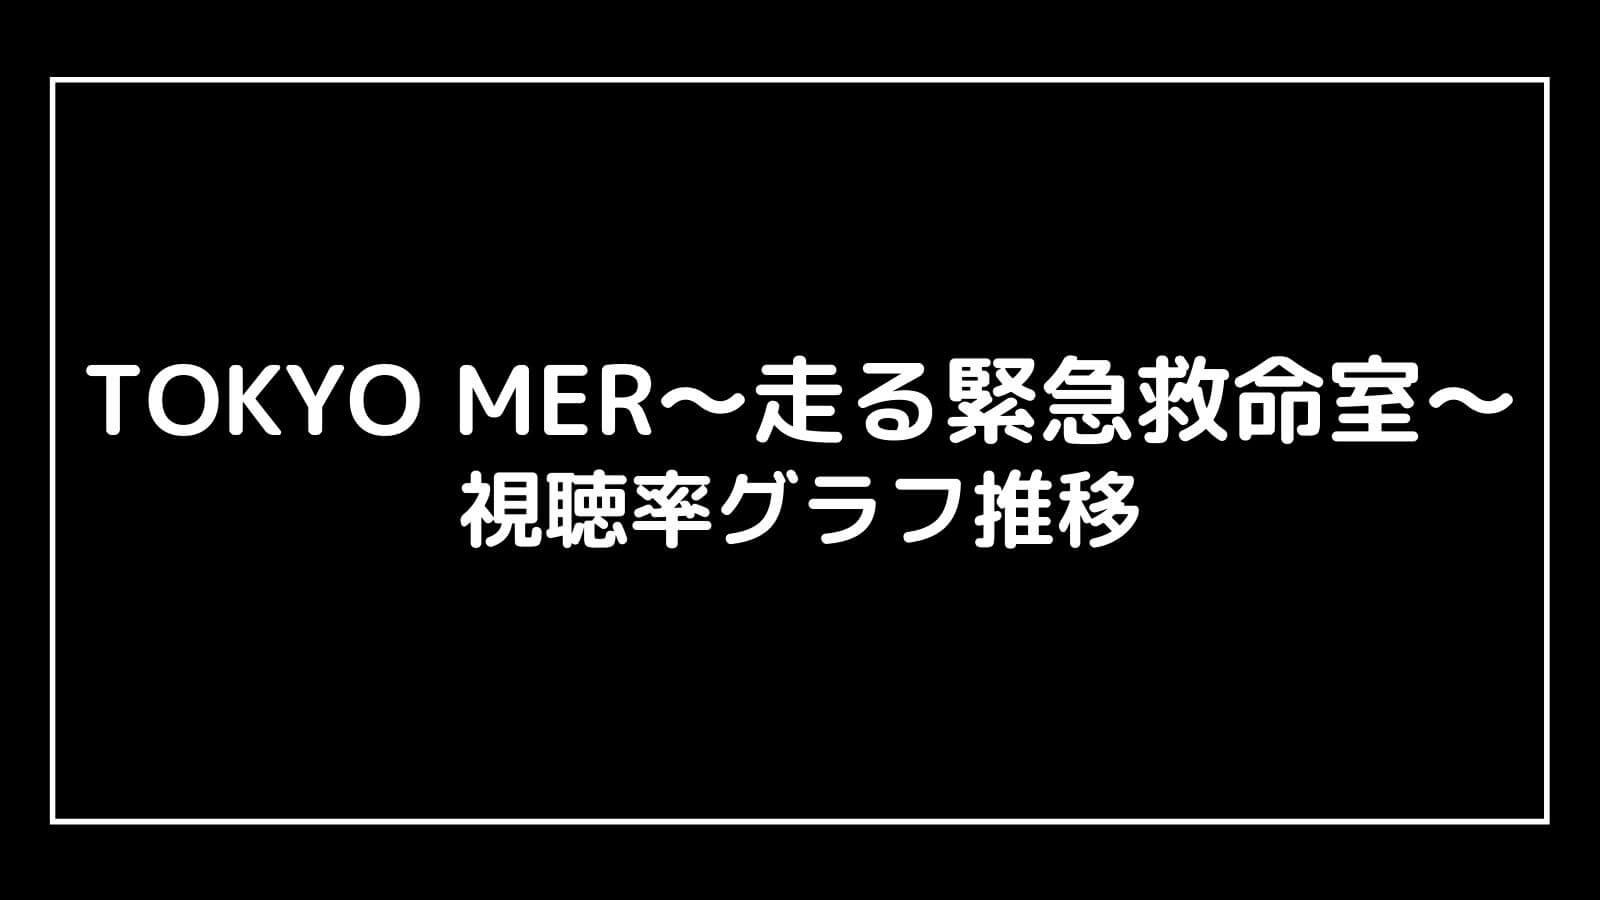 『TOKYO MER〜走る緊急救命室〜』現在の視聴率速報と最終回までのグラフ推移